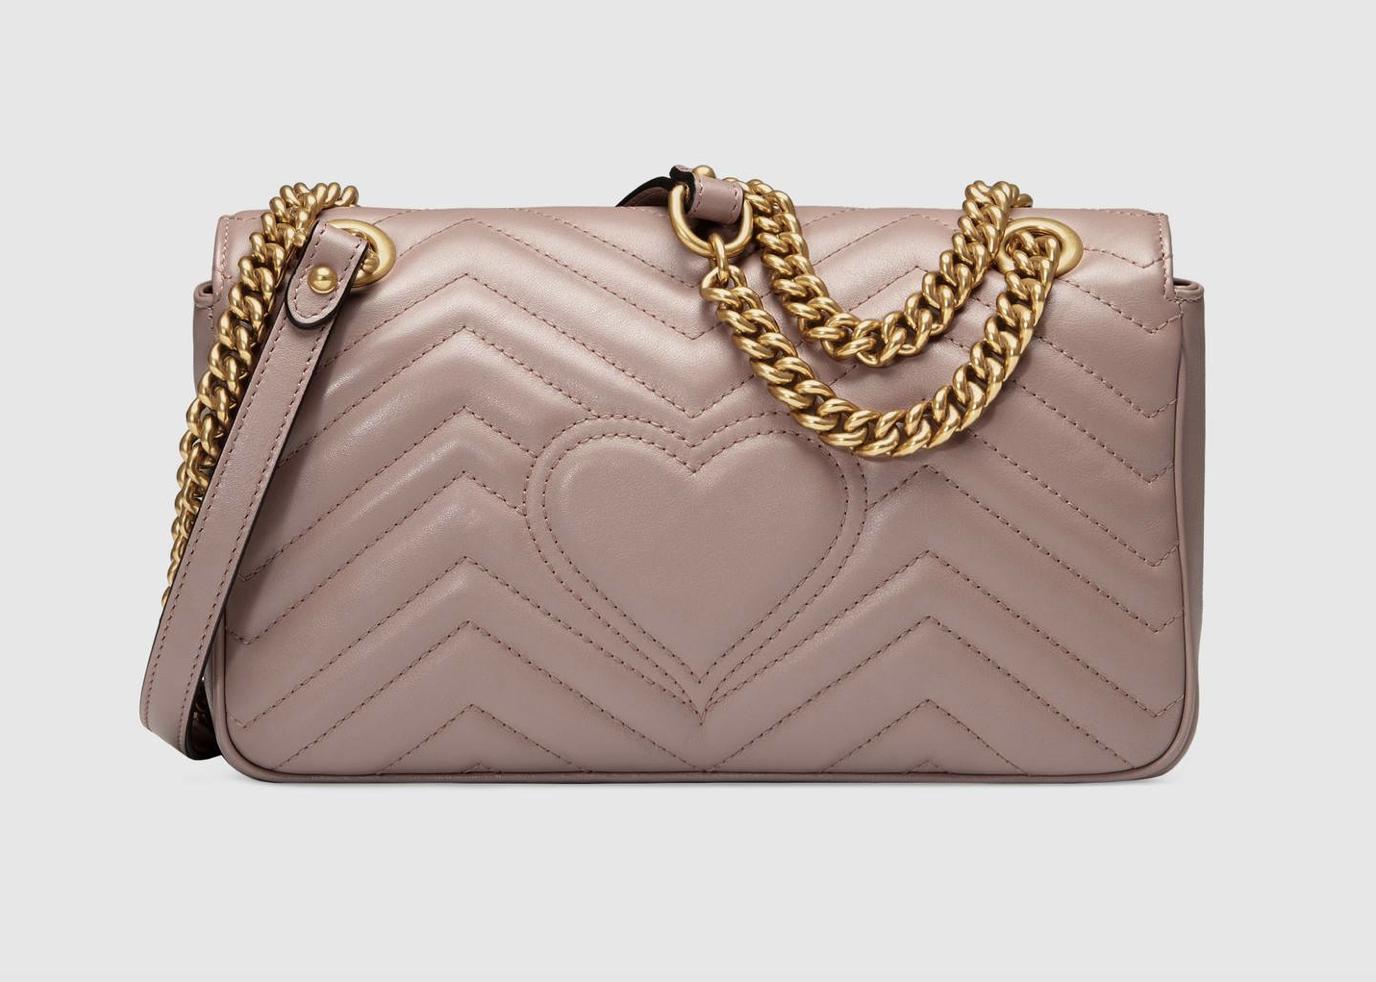 Ska jag köpa denna Gucci väskan?